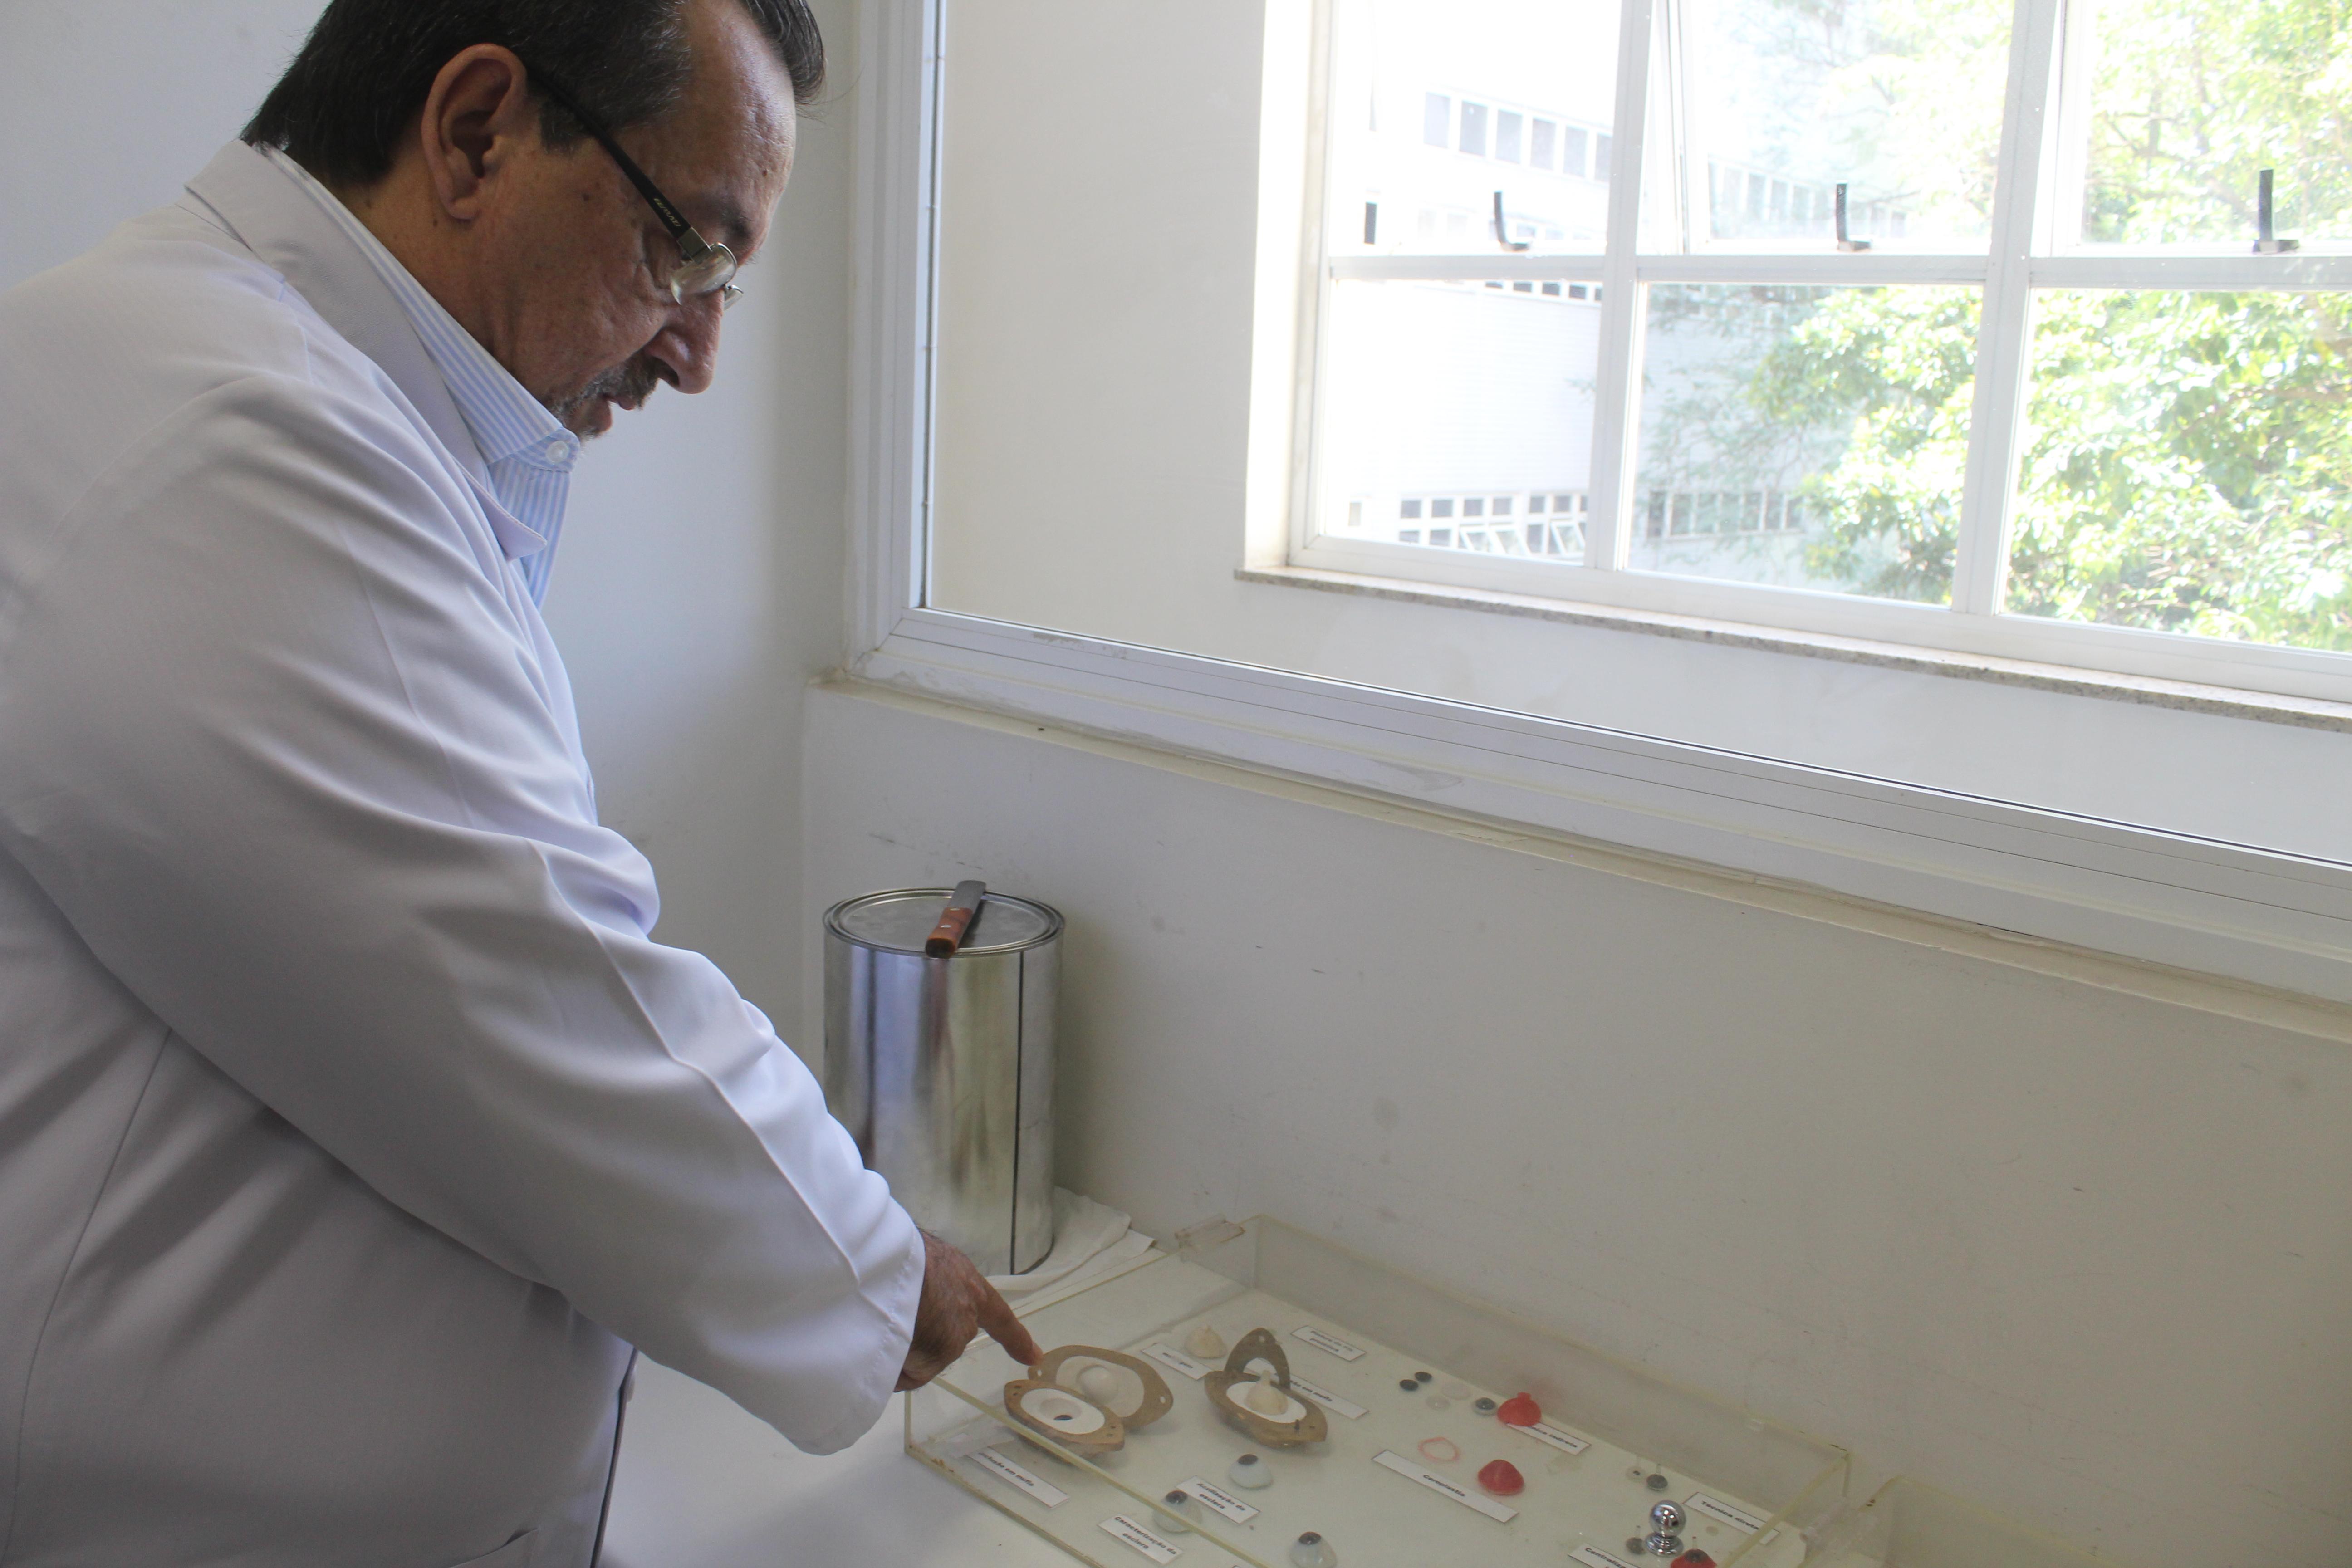 O diretor-adjunto do Laboratório de Próteses, Paulo César Carvalho, mostra algumas das próteses produzidas no laboratório